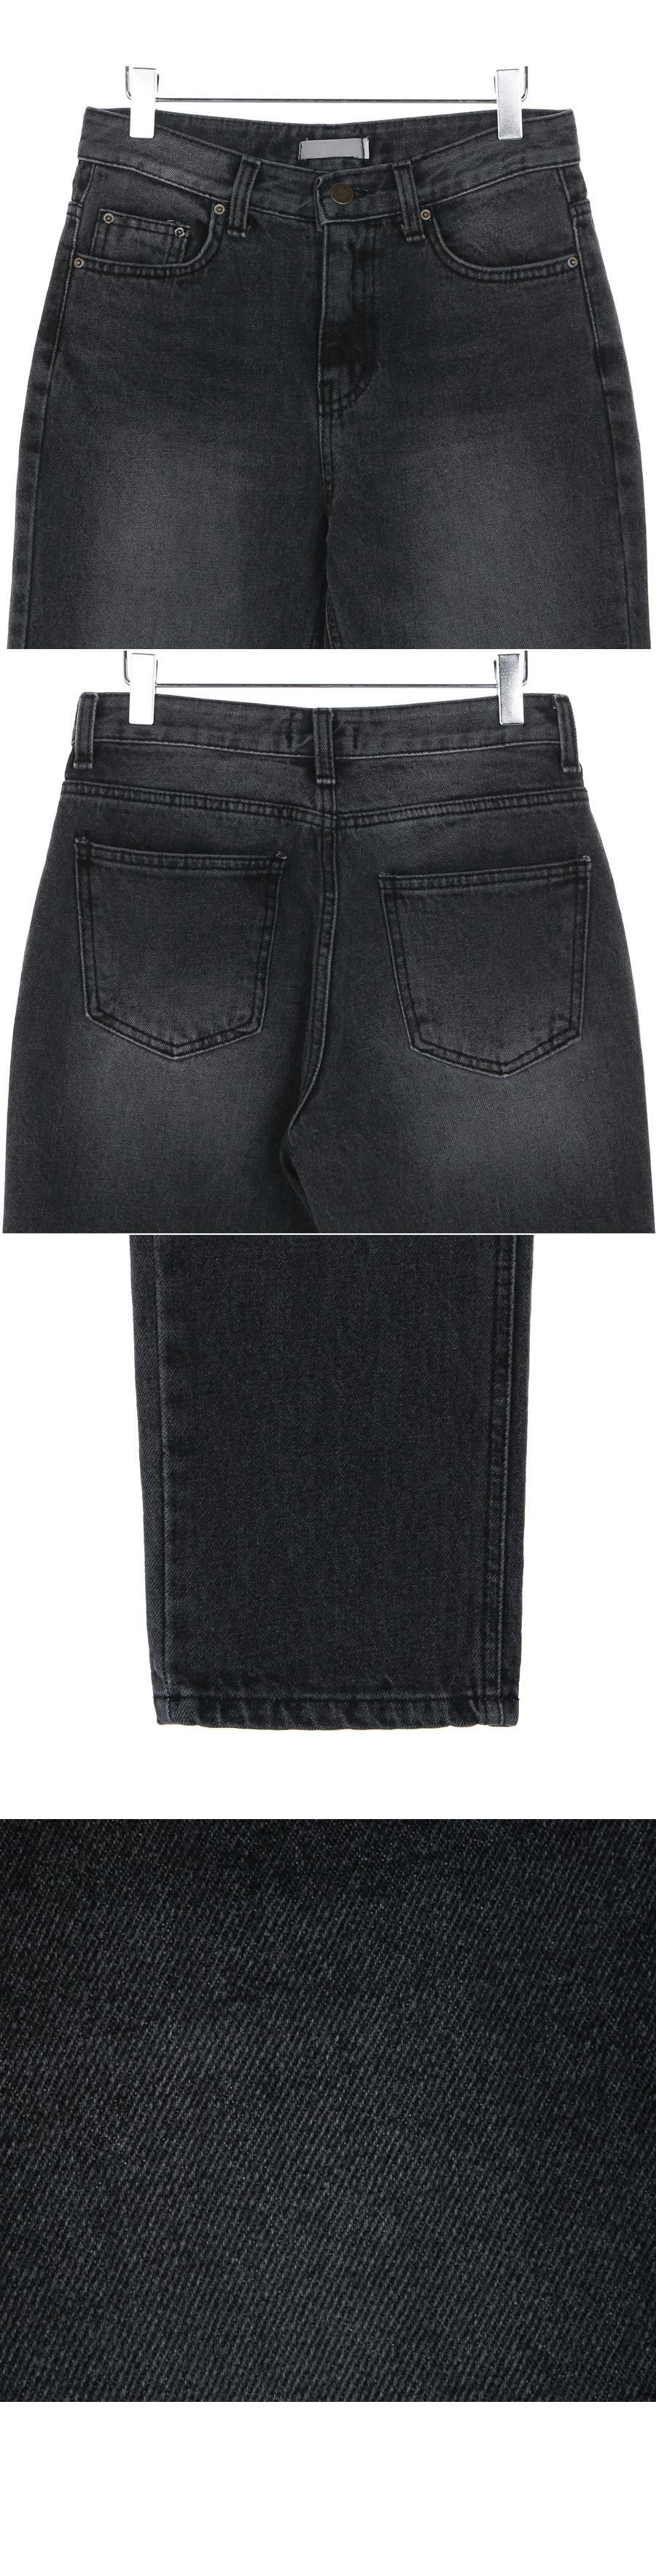 Washing black pants